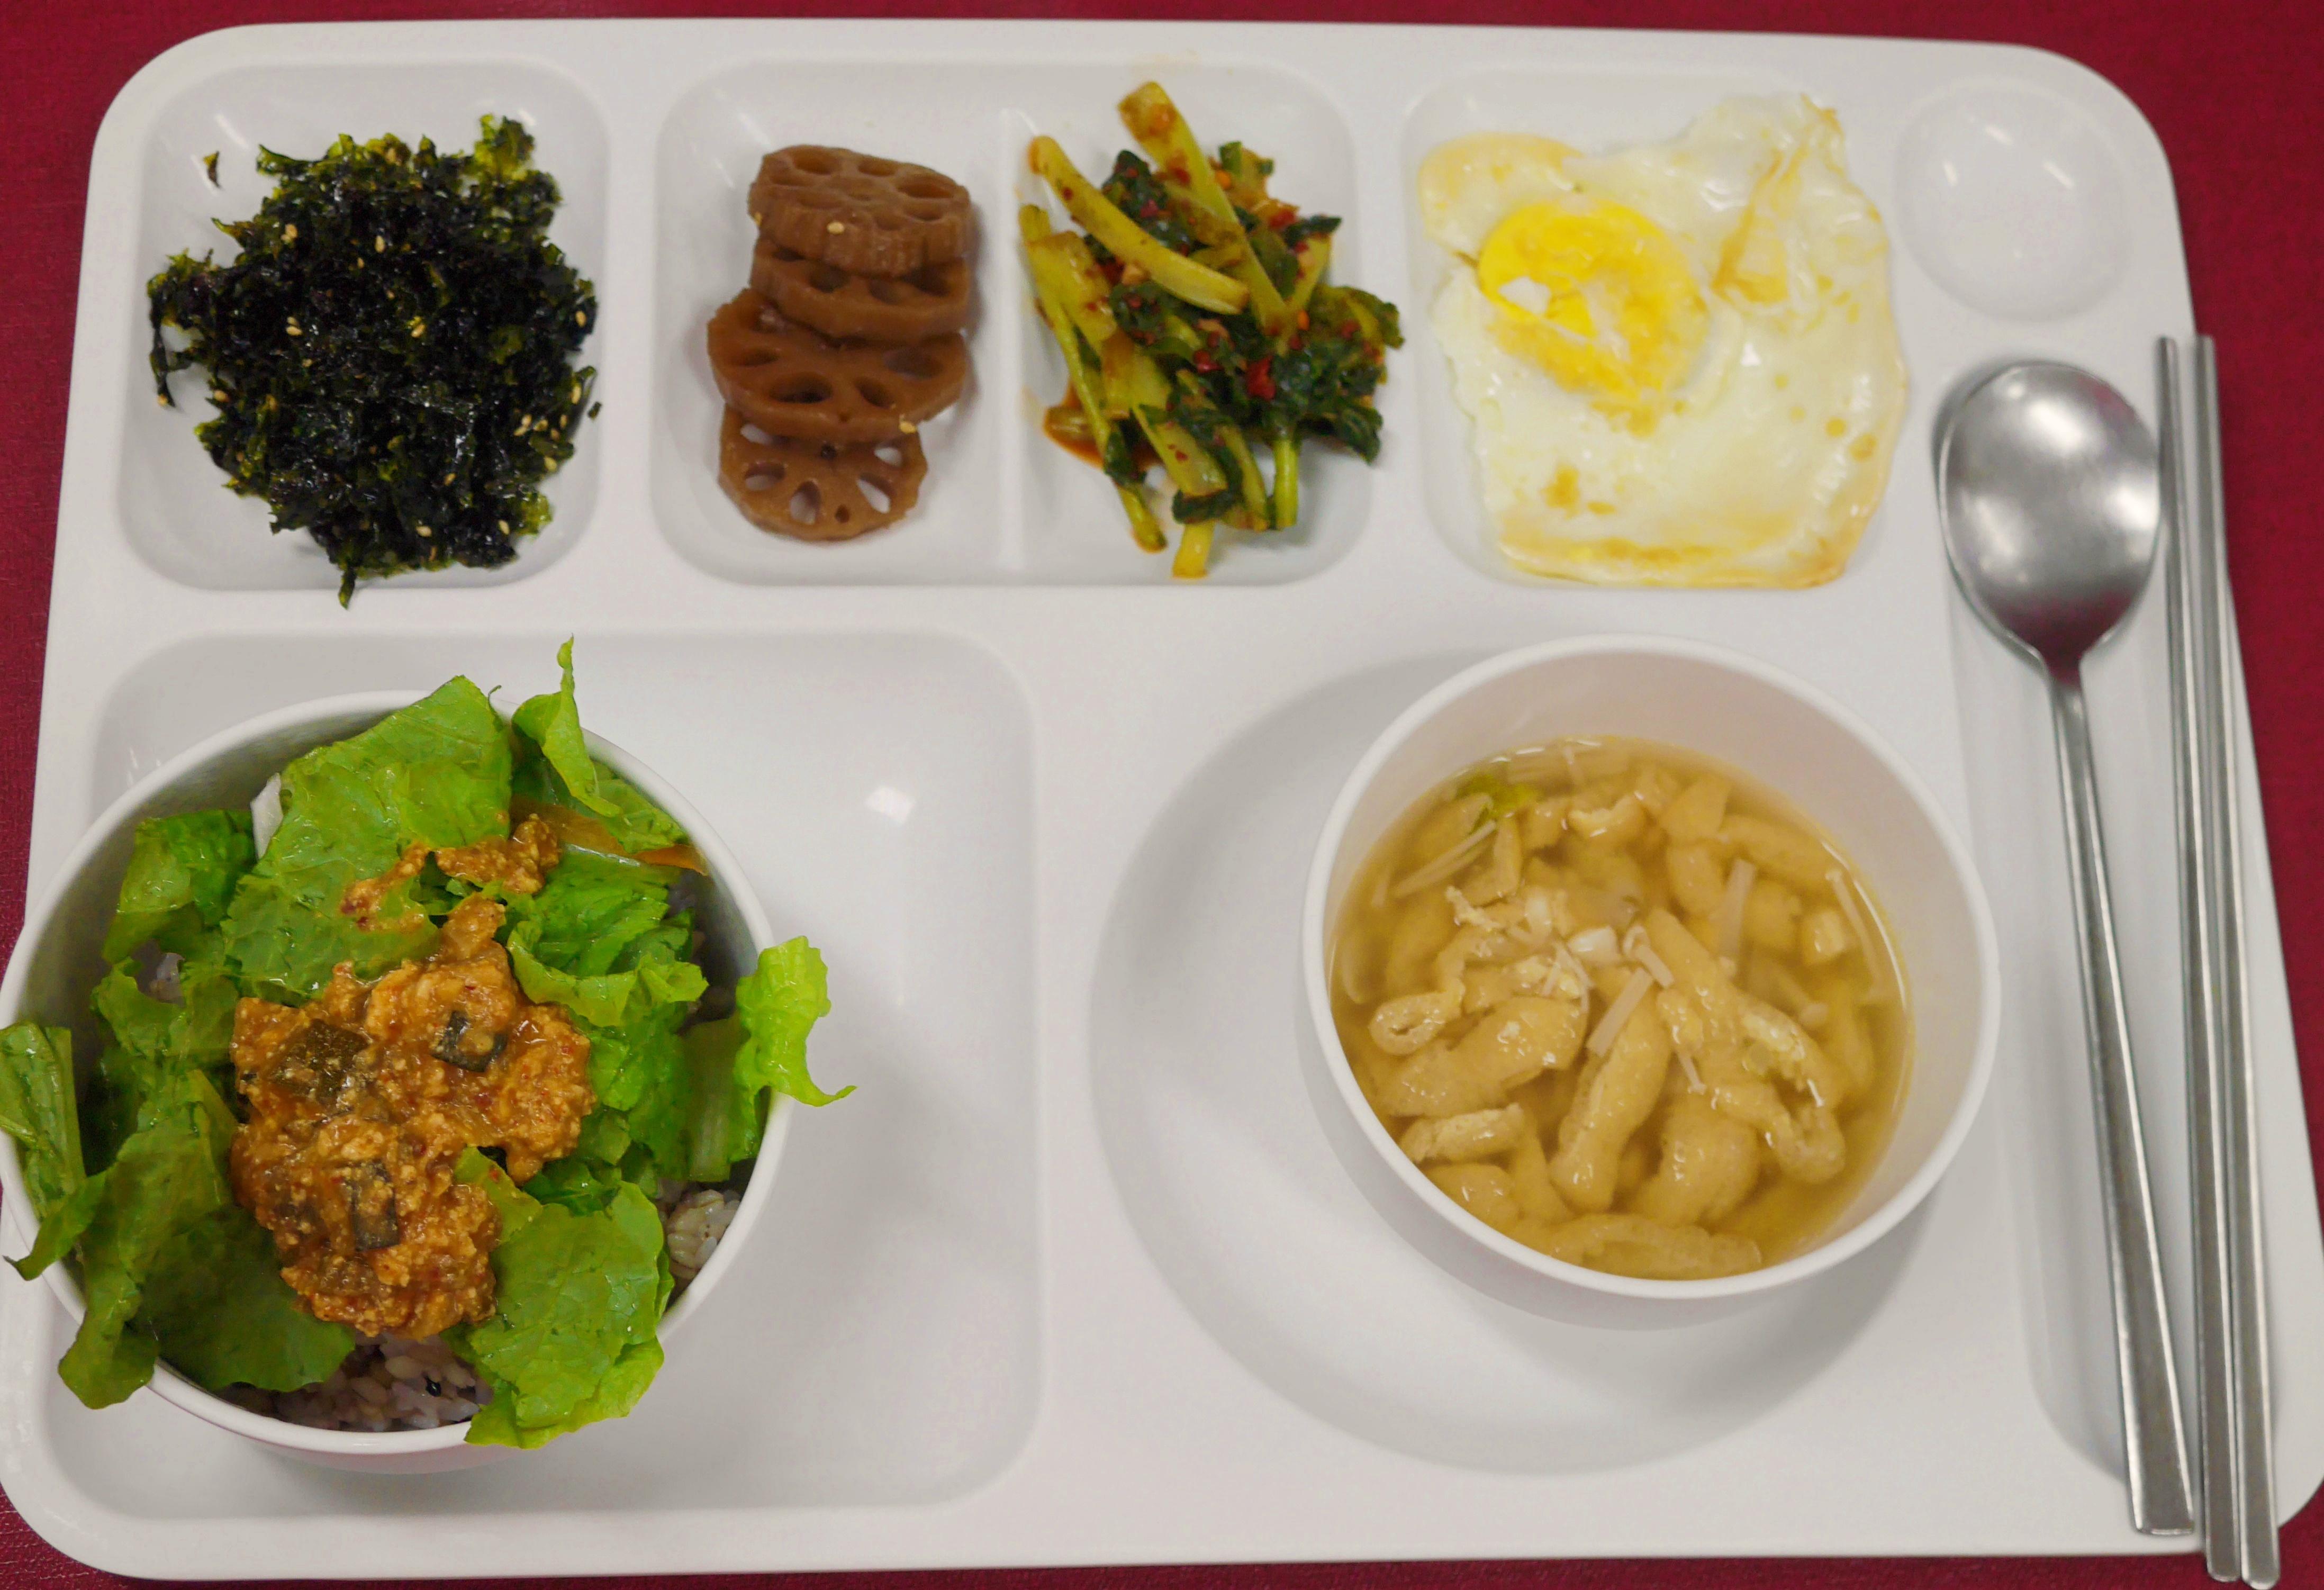 주야간보호센터 7월 점심식사 입니다.